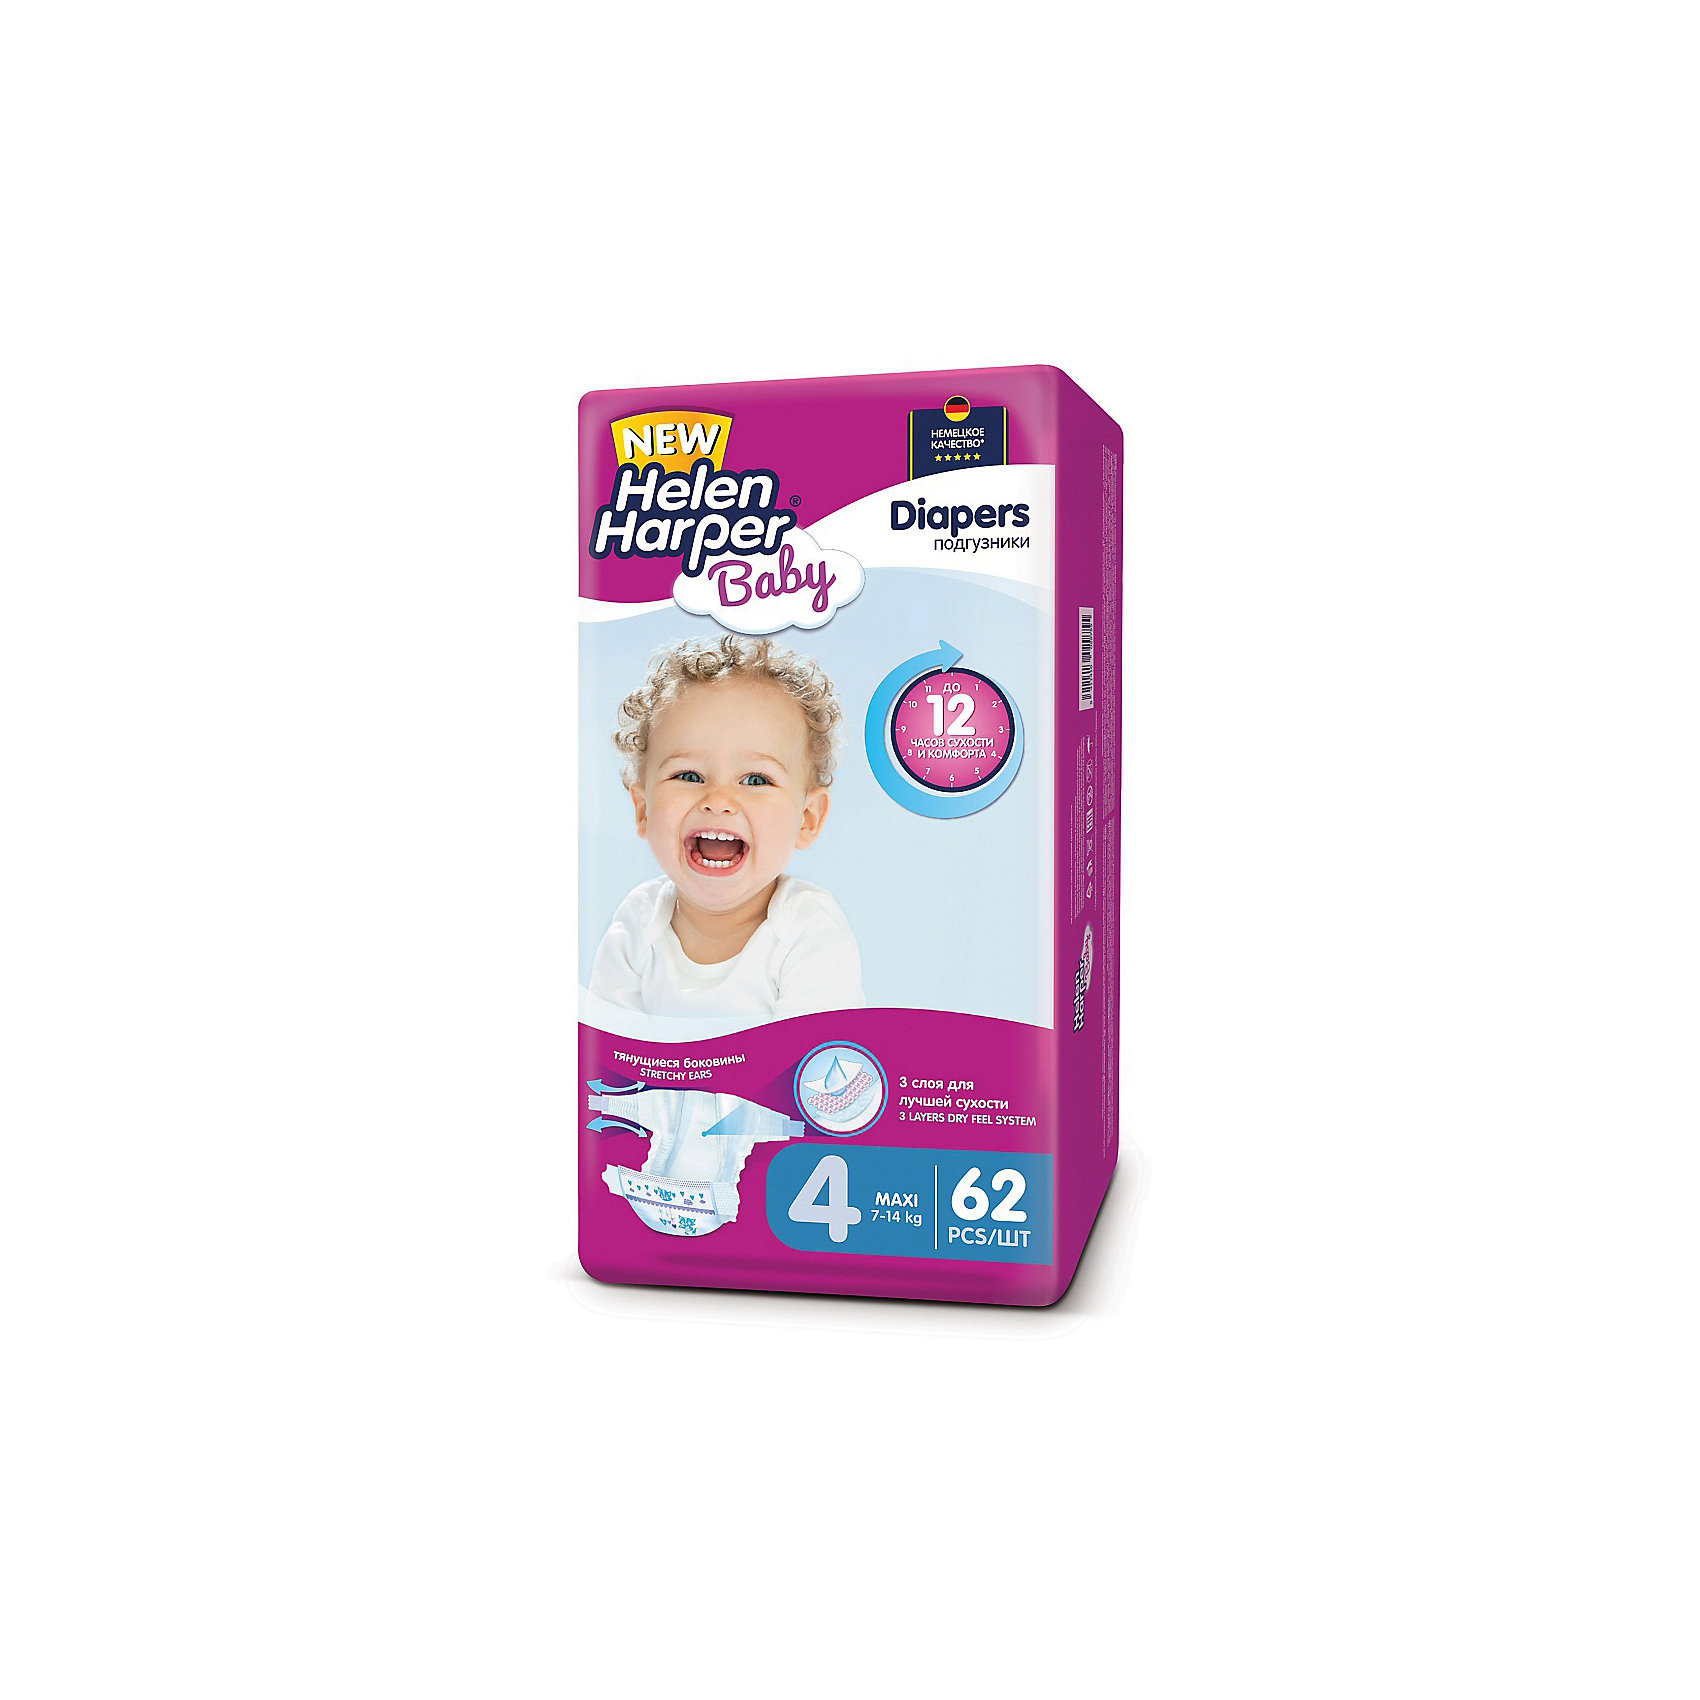 Подгузники Maxi Helen Harper Baby 7-14 кг., 62 шт.Подгузники 5-12 кг.<br>Детские подгузники Helen Harper Baby отличаются красочным дизайном и превосходным качеством. Они выполнены из гипоаллергенного дышащего материала без отдушек и ароматизаторов, имеют многоразовые застежки-липучки с пониженным уровнем шума. Уникальная система впитывания надежно удерживает жидкость внутри подгузника, превращая ее в гель и защищая от протеканий. Мягкий внутренний слой препятствует возникновению раздражений на нежной коже малыша и обеспечивает дополнительный комфорт. Благодаря эластичным боковинам и особой анатомической форме подгузник хорошо прилегает к телу ребенка, при этом не стягивает и не натирает кожу.<br><br>Особенности:<br>Высокая впитываемость (система Dry Feel).<br>Внутренний мягкий слой подгузника препятствует возникновению раздражений и опрелостей.<br>Многоразовая застежка-липучка обеспечивает удобство в использовании.<br>Превосходно сидят благодаря анатомической форме подгузника.<br>Эластичные дышащие боковые оборочки препятствуют проникновению влаги наружу.<br>Выполнены из дышащего гипоаллергенного материала.<br><br>Ширина мм: 600<br>Глубина мм: 600<br>Высота мм: 200<br>Вес г: 2317<br>Возраст от месяцев: 6<br>Возраст до месяцев: 24<br>Пол: Унисекс<br>Возраст: Детский<br>SKU: 4729778